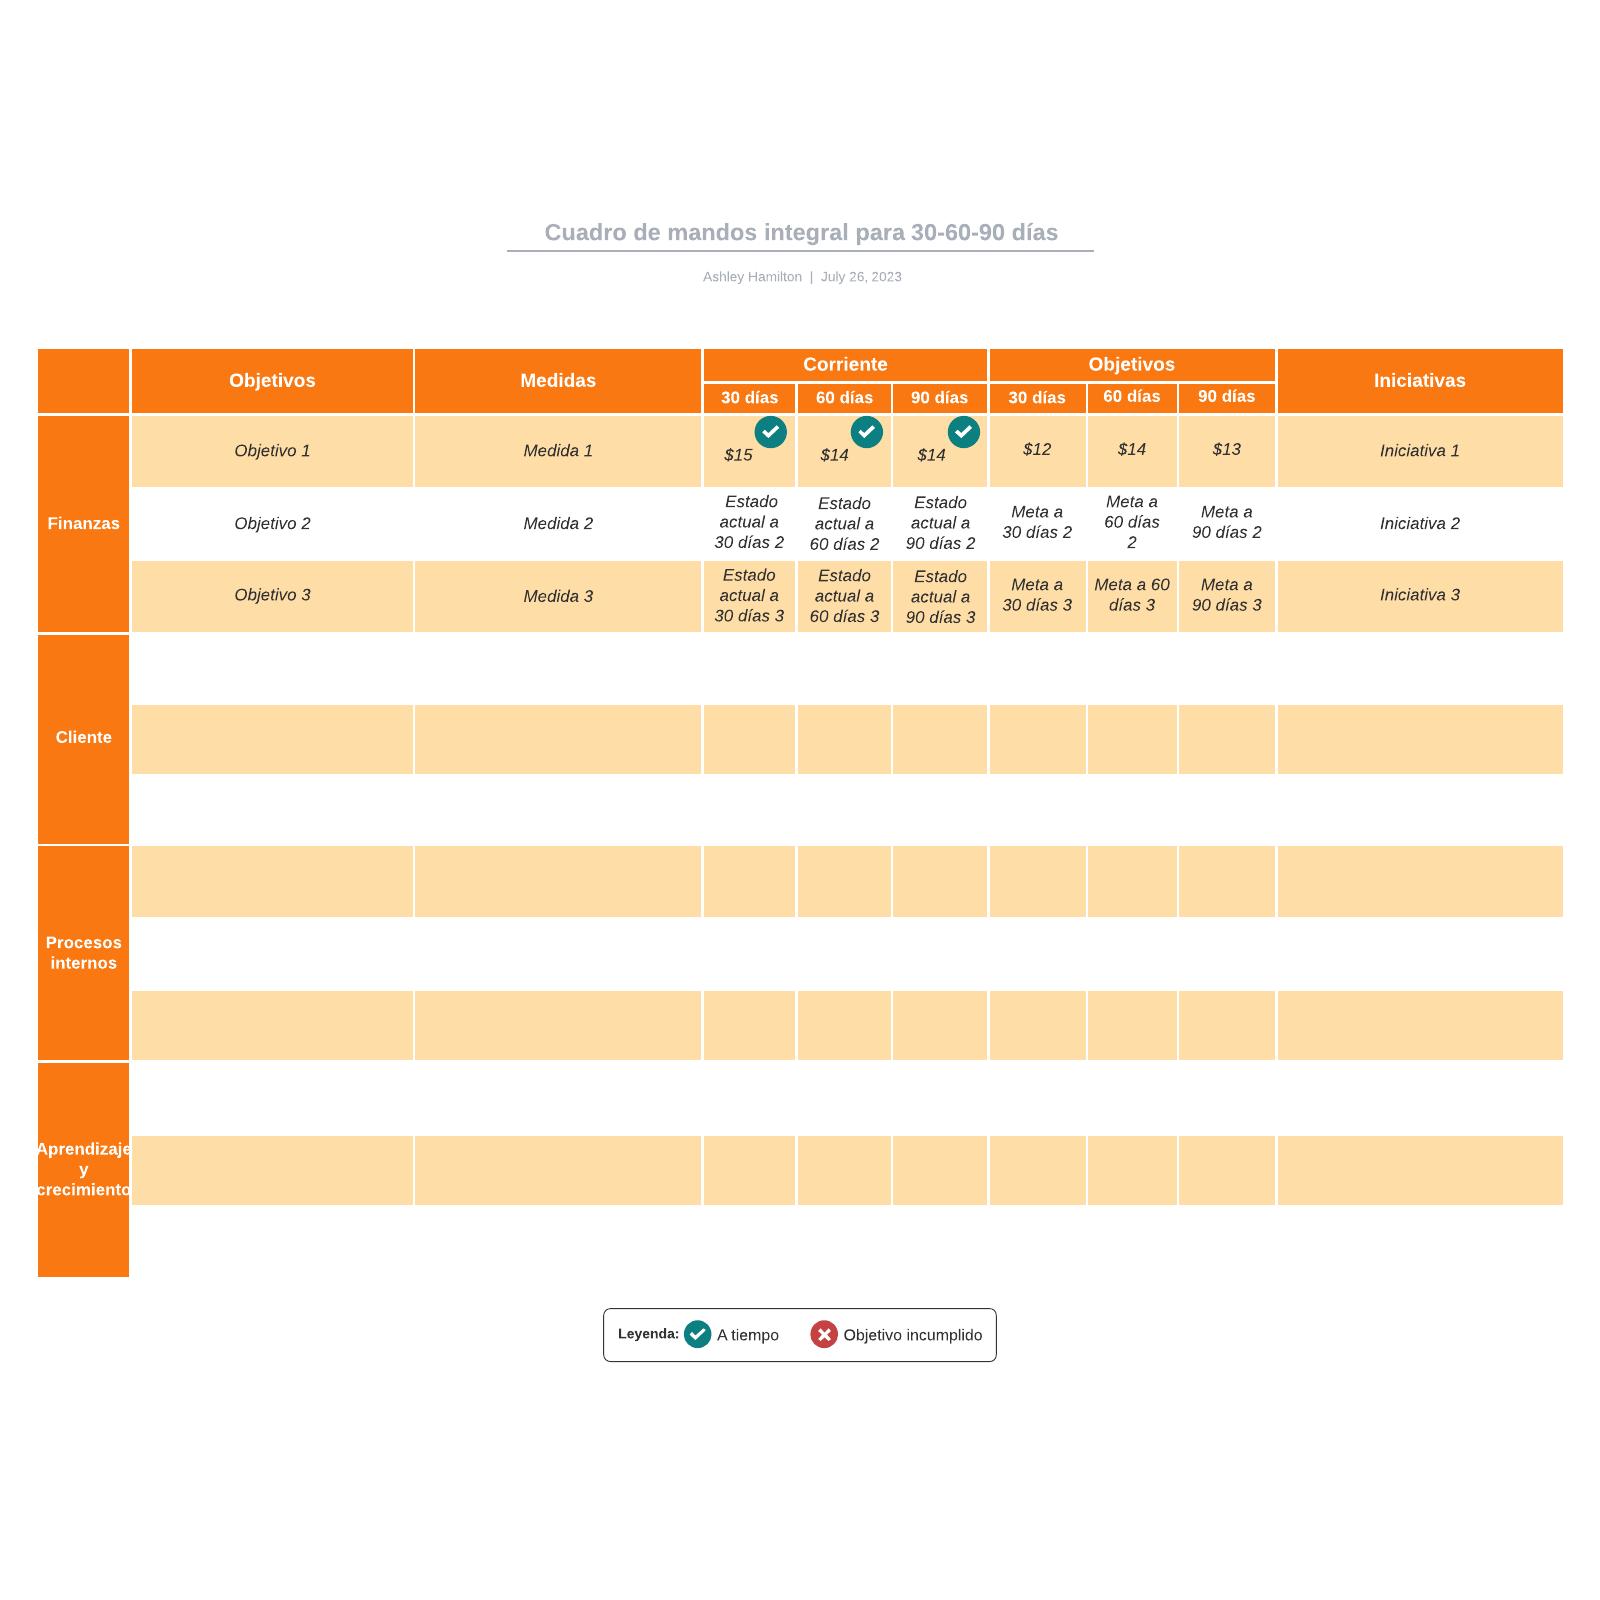 Cuadro de mandos integral para 30-60-90 días